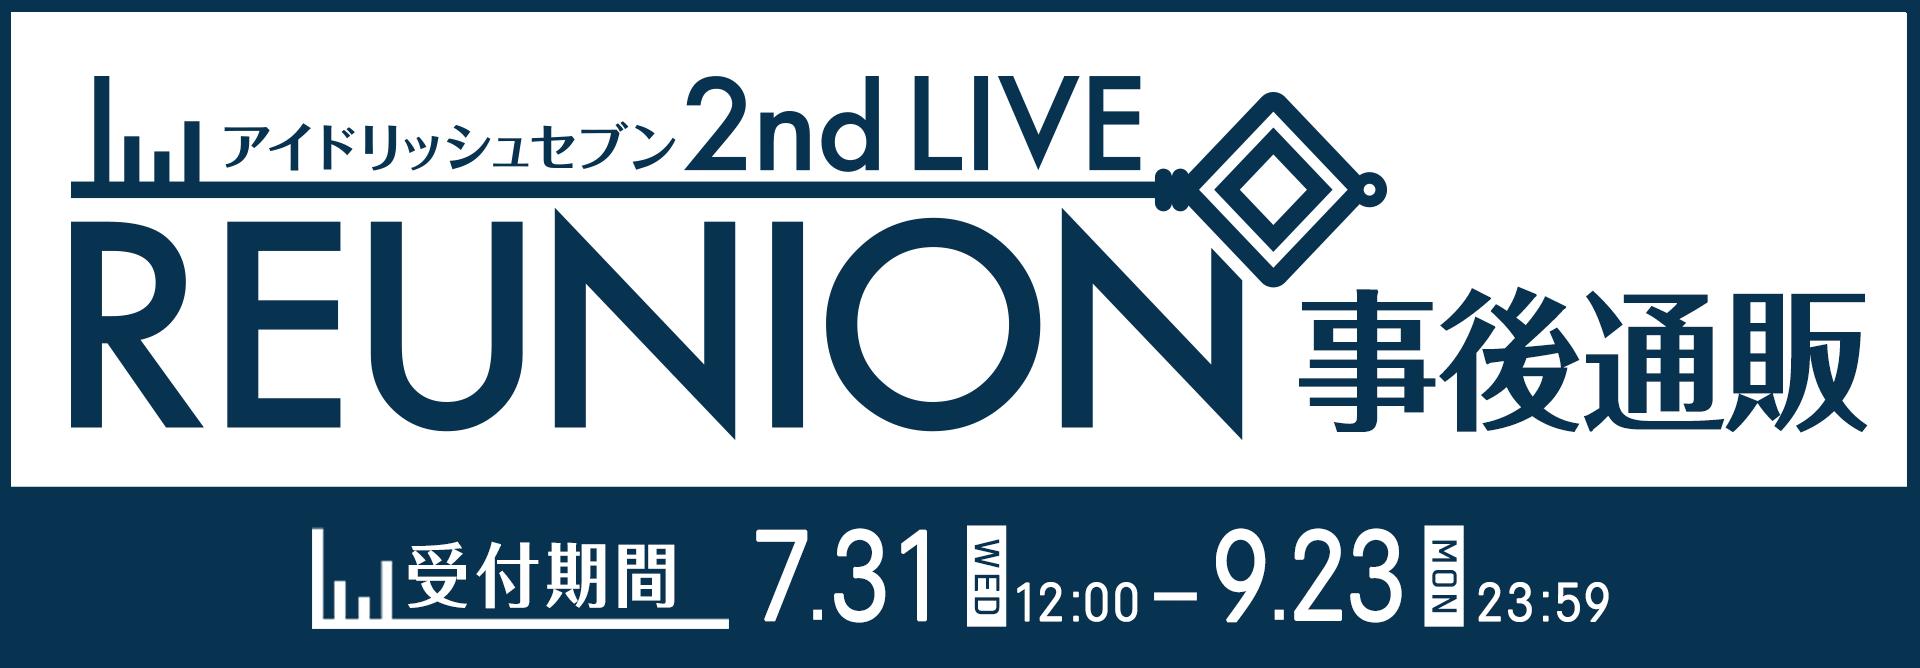 アイドリッシュセブン 2nd LIVE『REUNION』事後通販